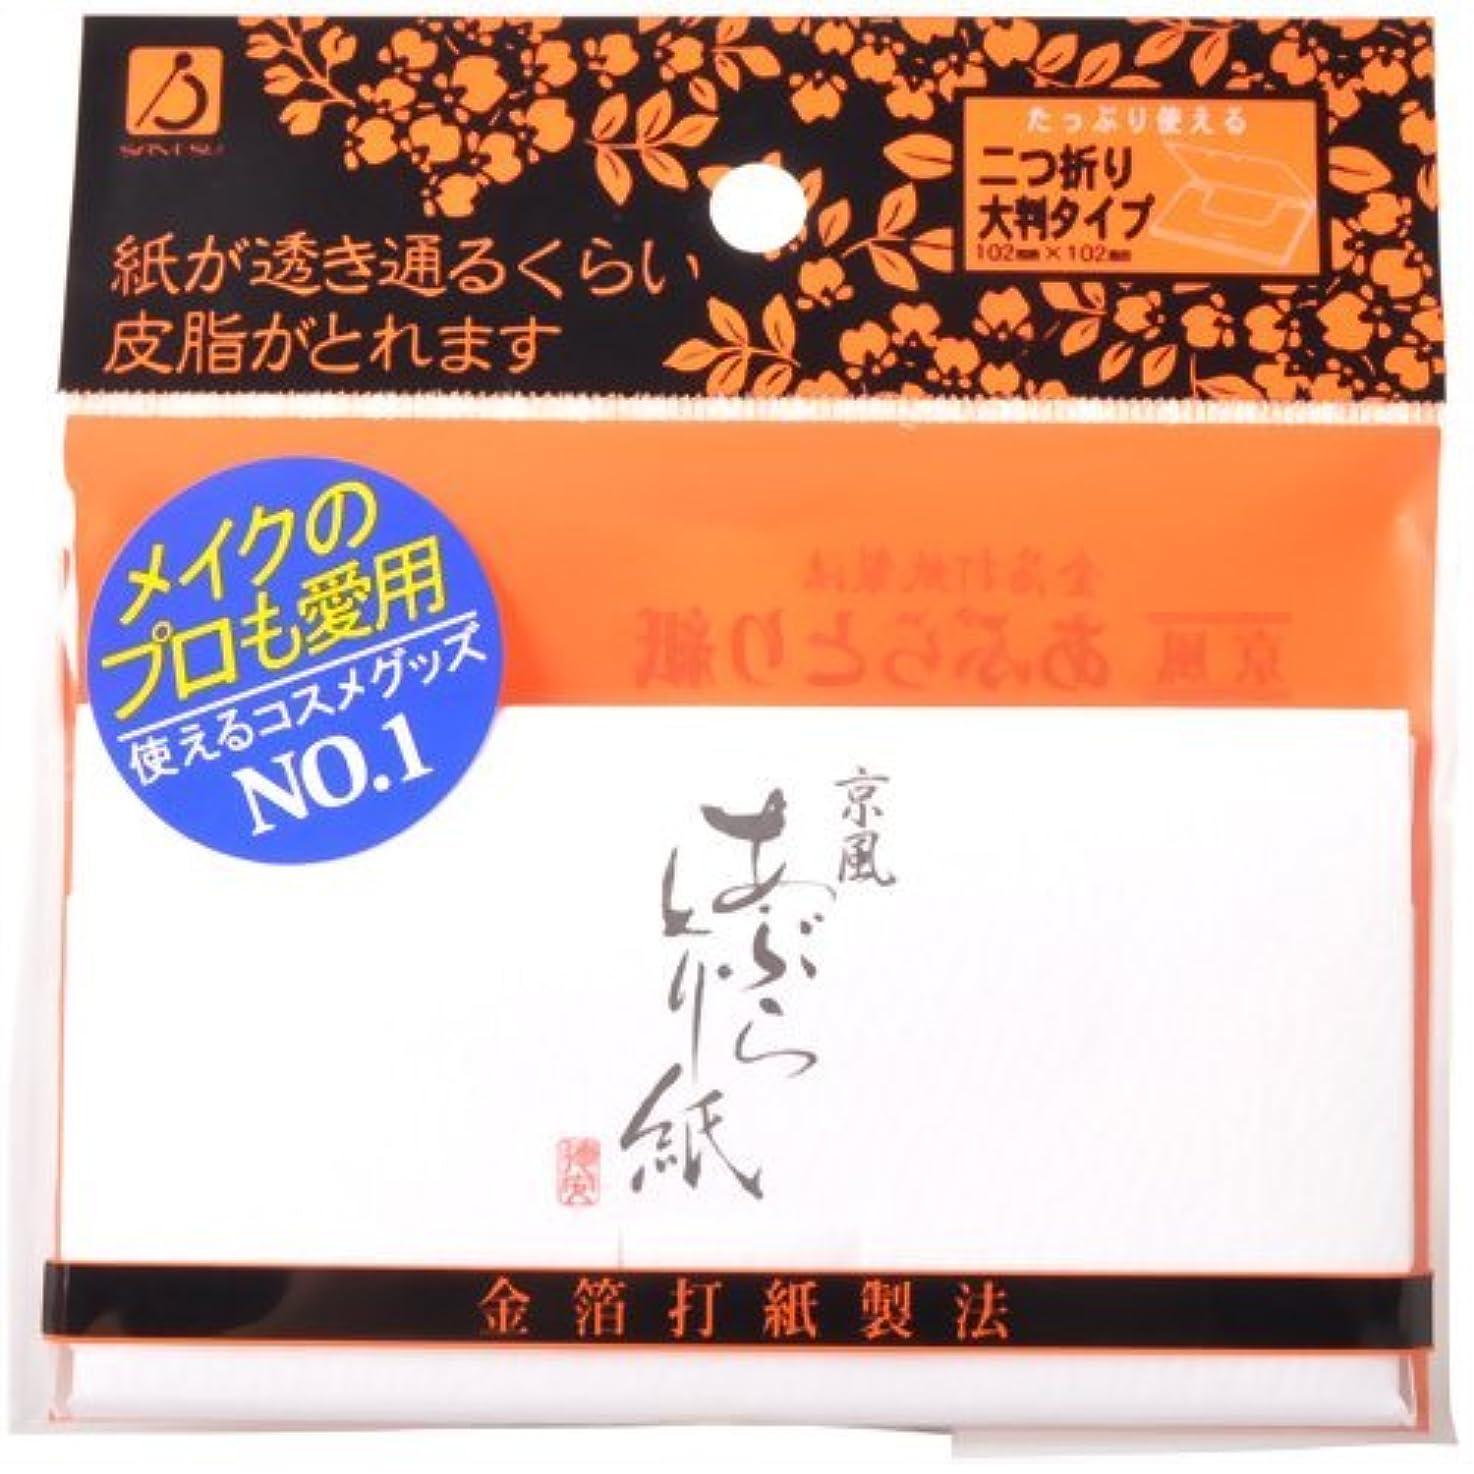 ヤギ排除するボタンFP-400 京風アブラトリガミ 大判 30枚